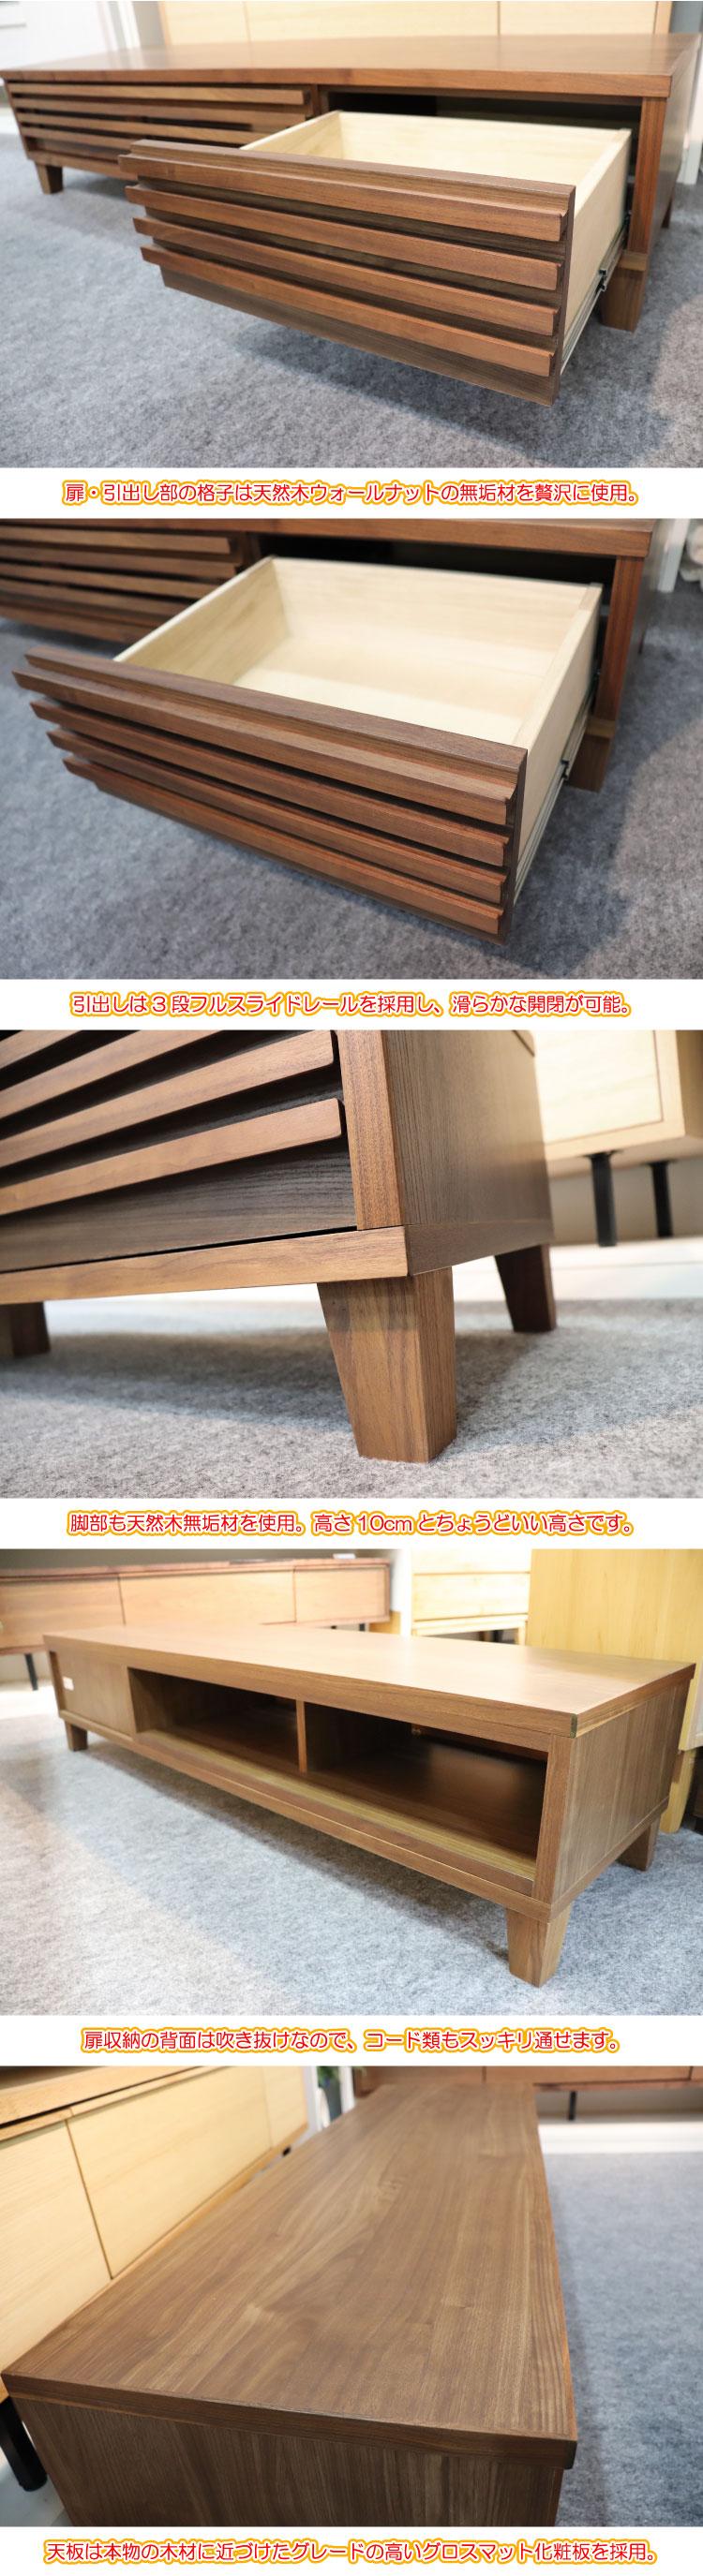 天然木無垢材製・モダン格子テレビボード(幅153cm・日本製)